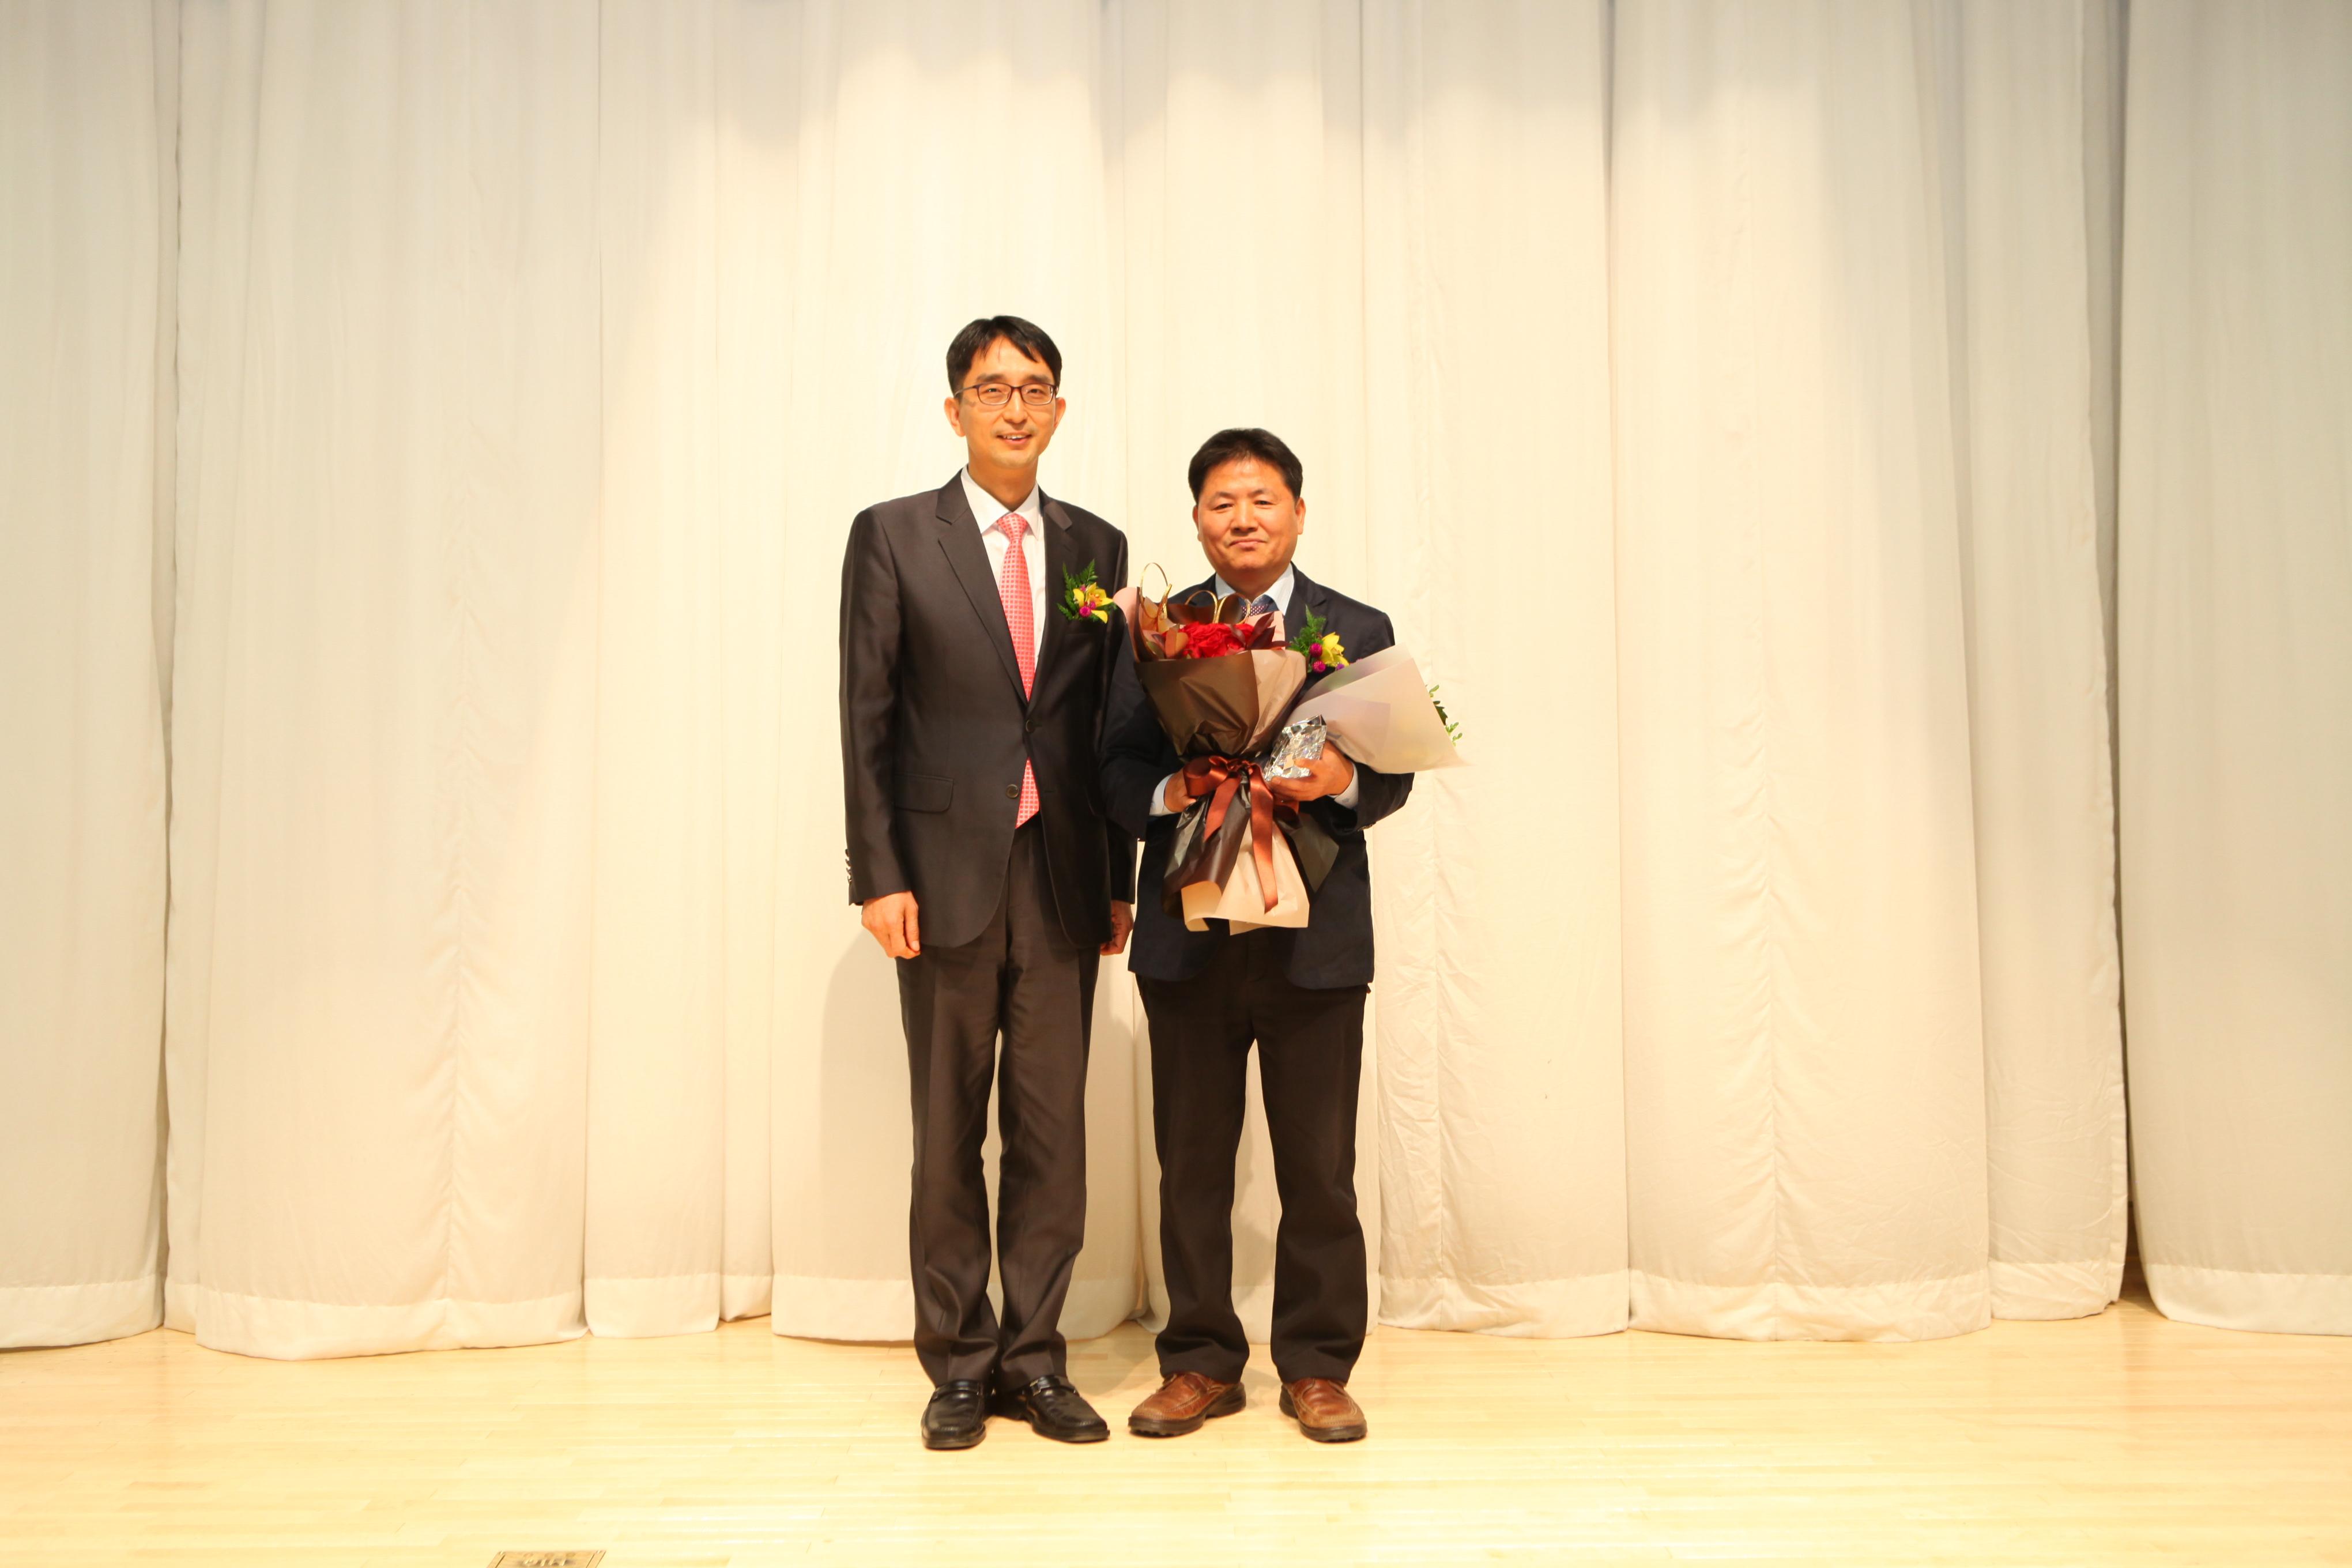 박종석 한국방송기술인연합회장과 2016 방송기술대상 감사패 수상자인 RAPA 이병국 전파방송통신인재개발원장